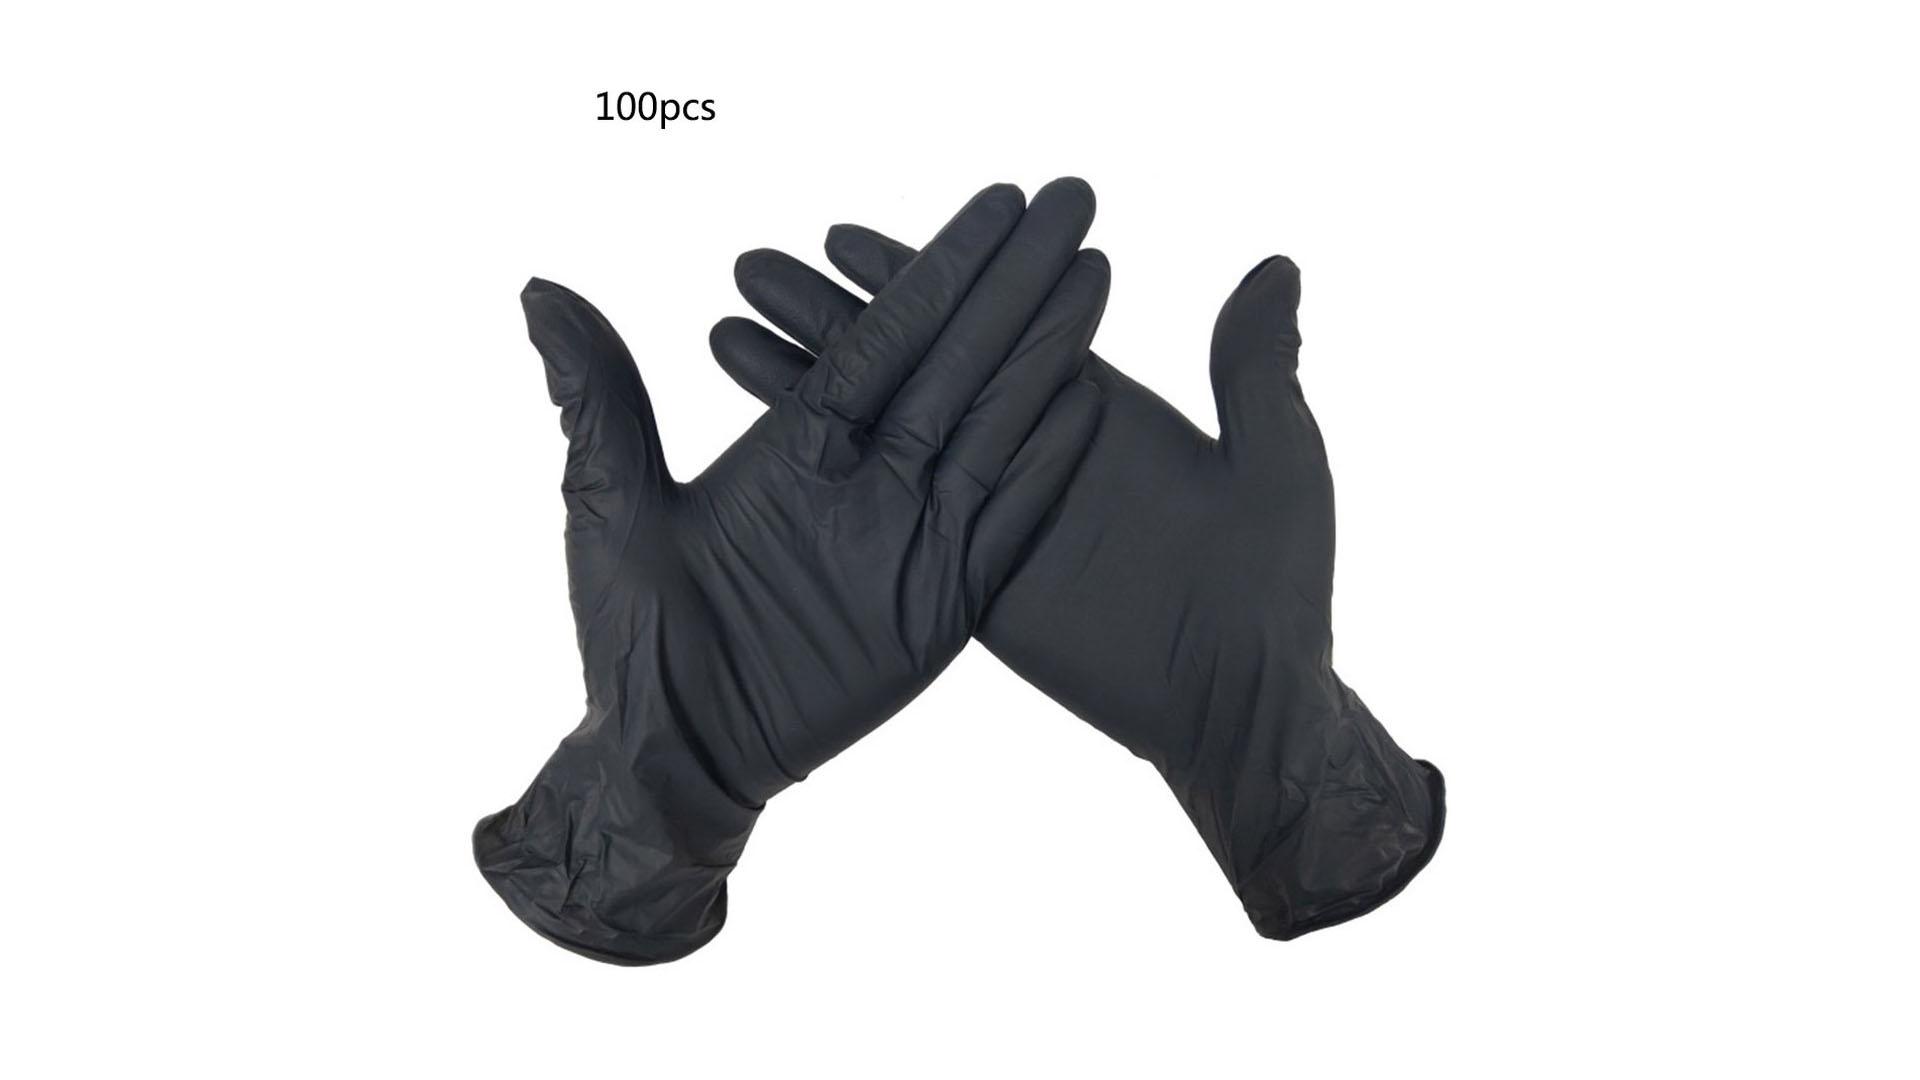 Rękawiczki lateksowe z Polski 100 sztuk 50zł.